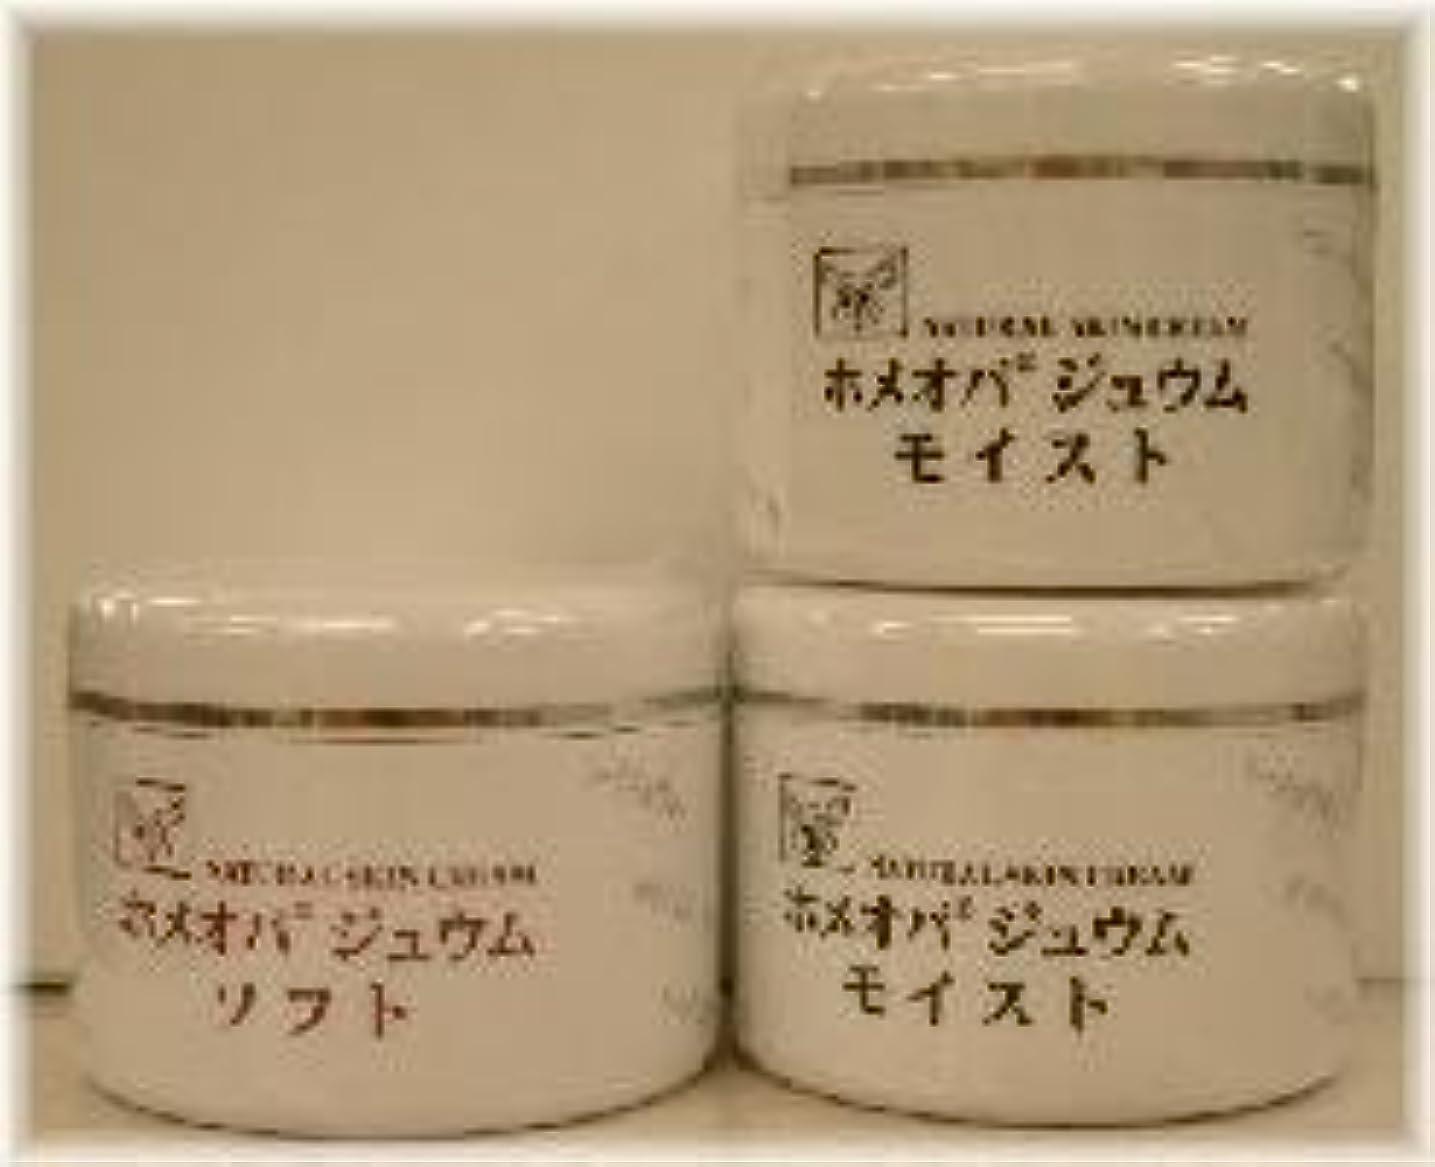 疎外傾向があるタフホメオパジュウム スキンケア商品3点 ¥10500クリームモイスト2個+クリームソフト